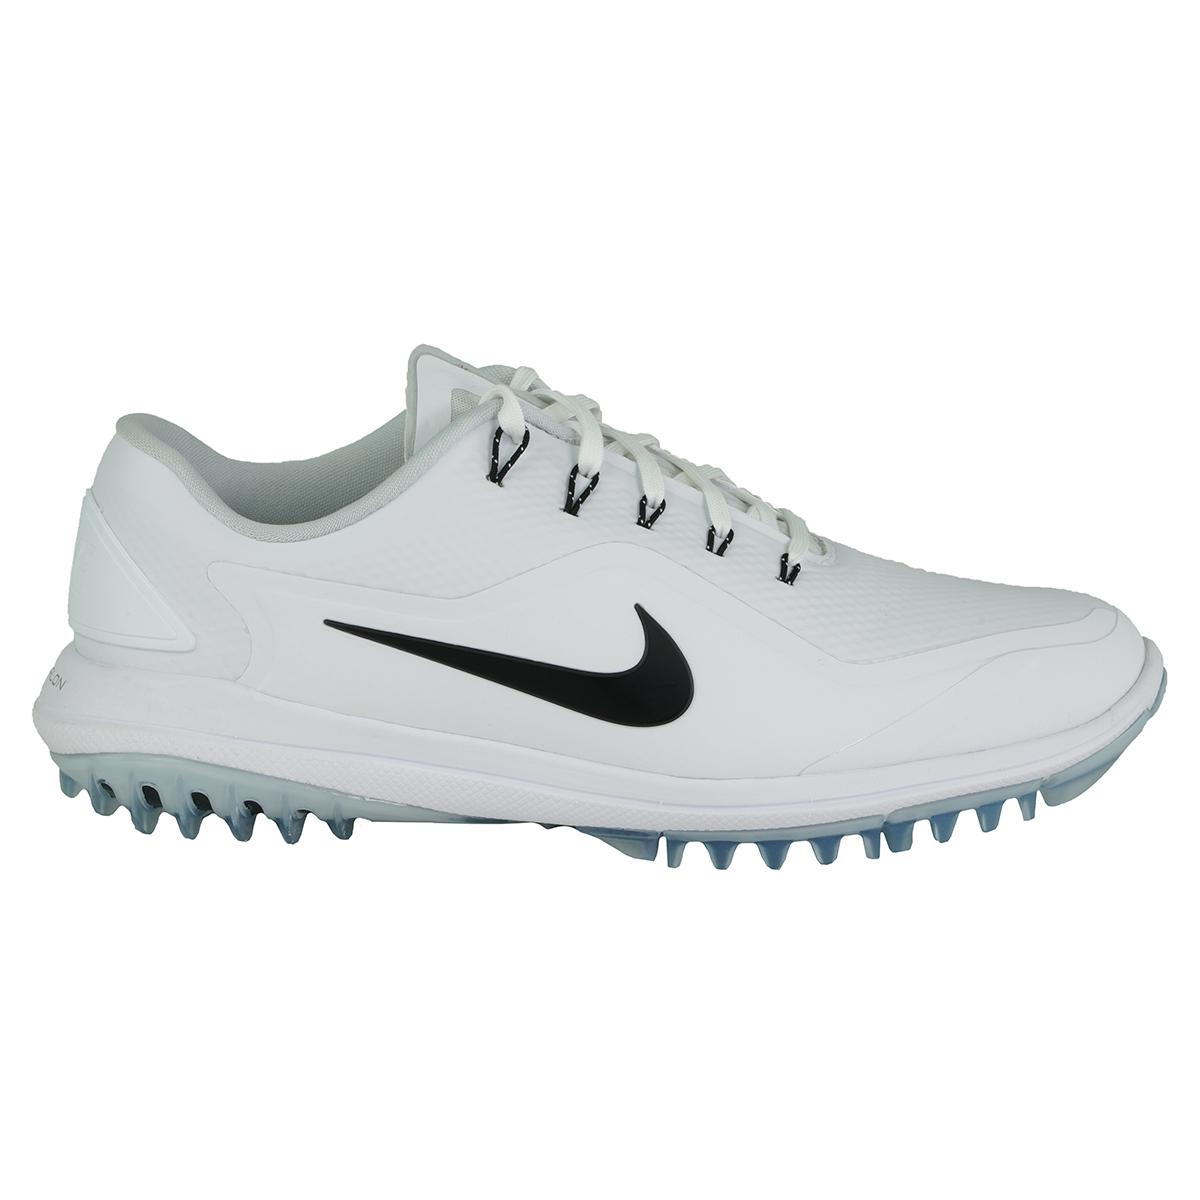 Details about Nike Men s Lunar Control Vapor 2 Golf Shoes White Black 10.5 W 96d0f94d6